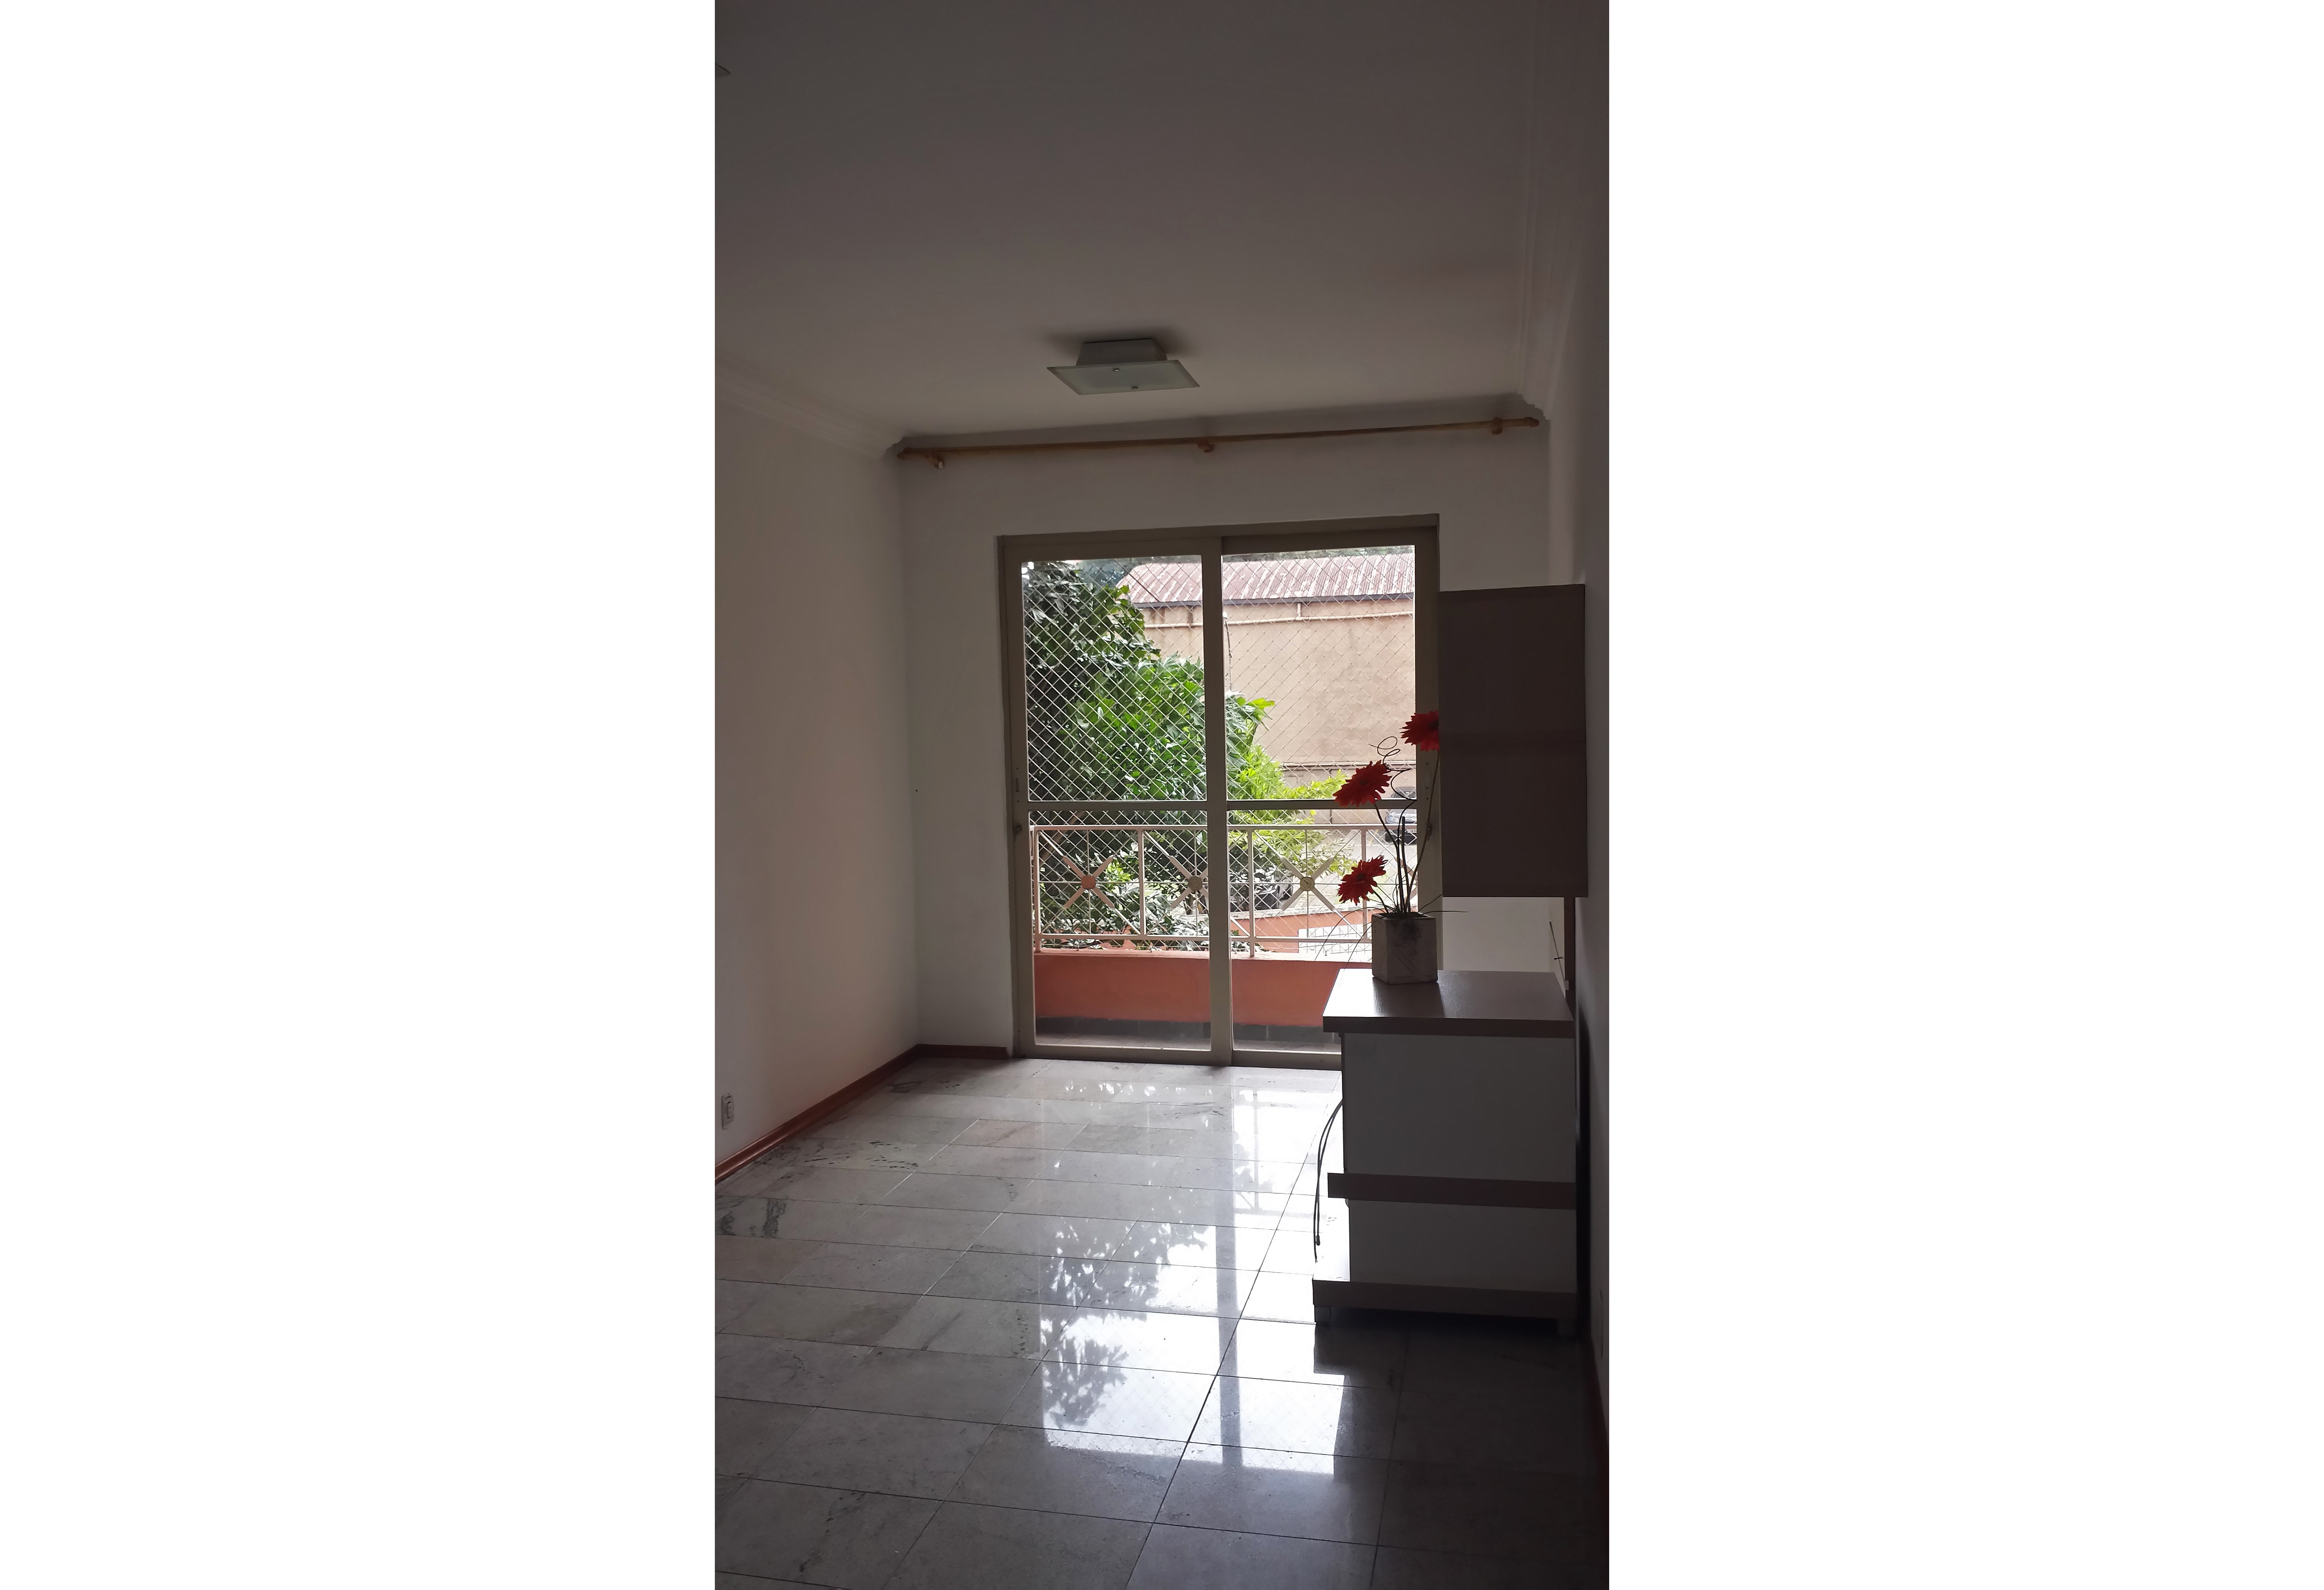 Sacomã, Apartamento Padrão - SALA RETANGULAR COM DOIS AMBIENTES, PISO DE CERÂMICA E ACESSO À VARANDA